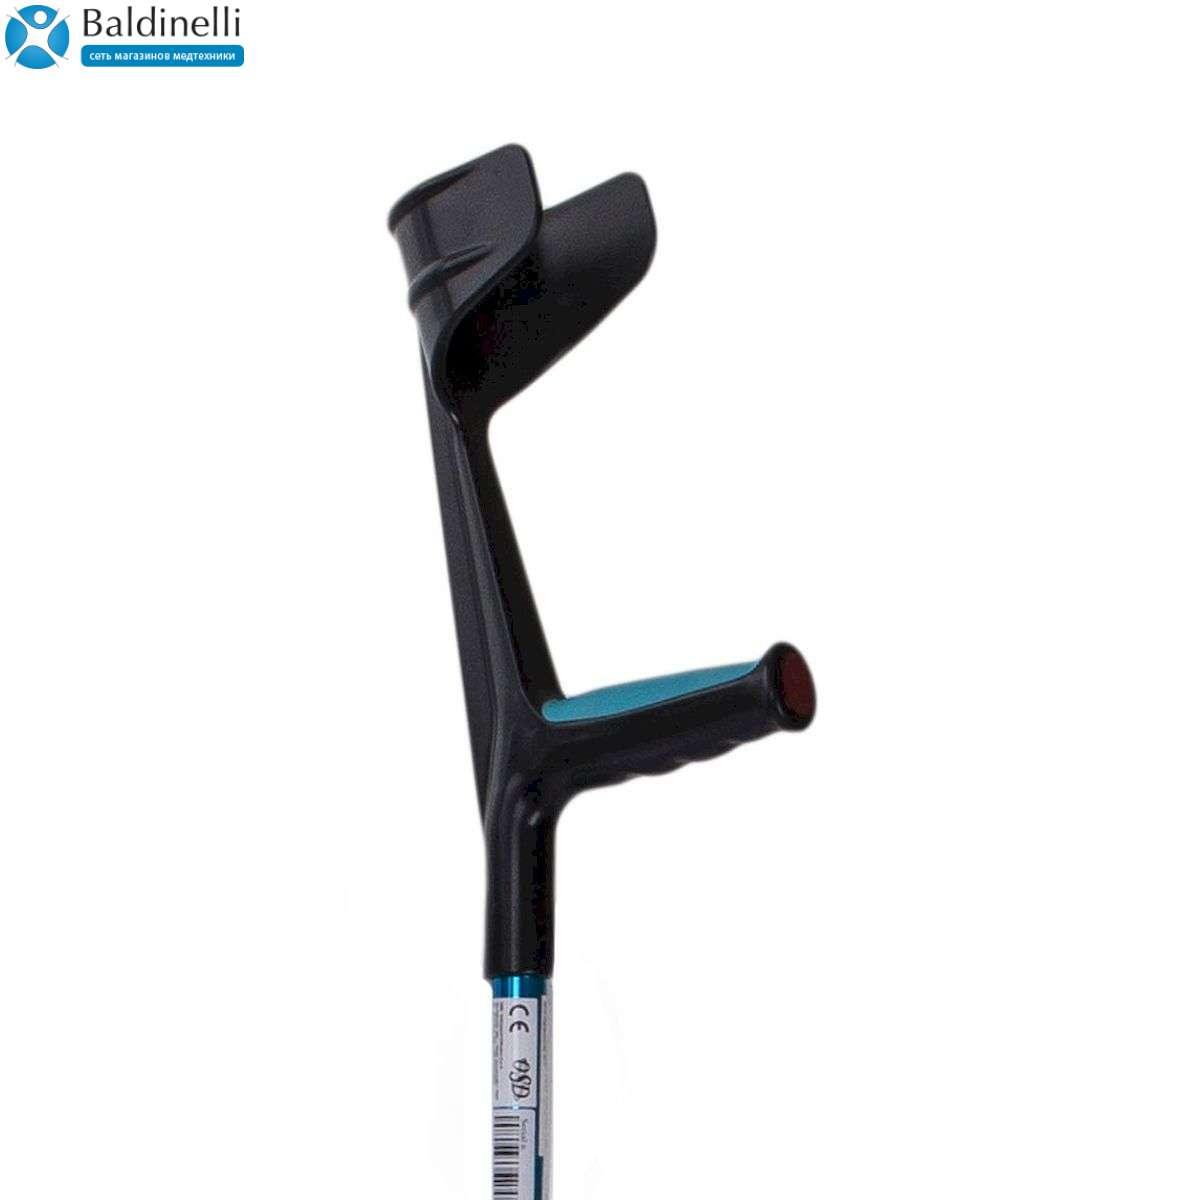 Костыль подлокотный с поддержкой предплечья и прорезиненой ручкой, OSD-RPM-86010